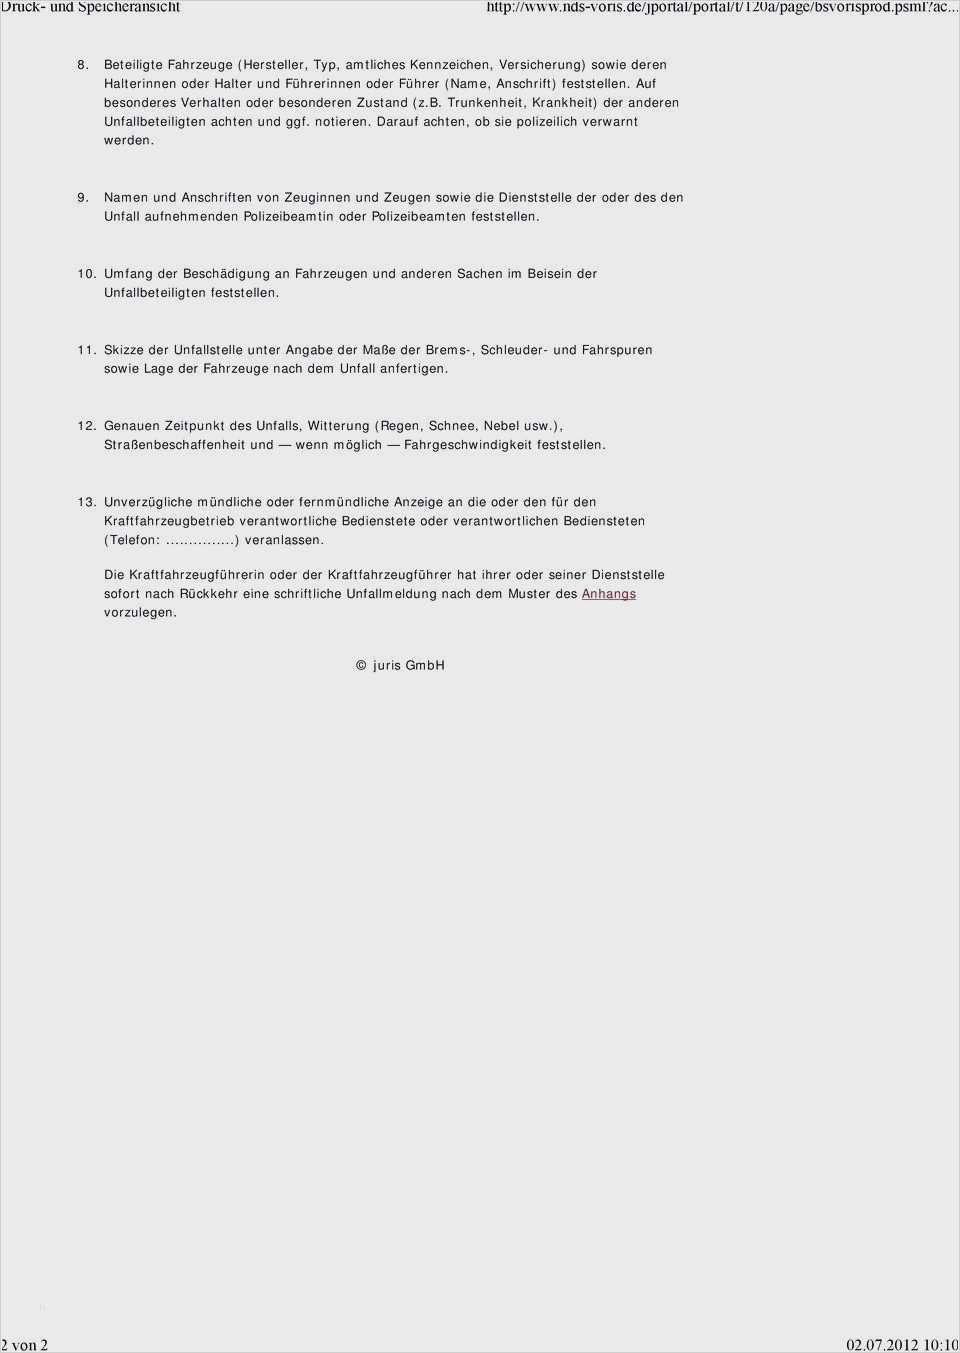 Unfallbericht Vorlage Word 42 Beste Praktisch Sie Konnen Adaptieren Fur Ihre Erstaunlichen Mo In 2020 Vorlagen Word Halte Durch Unfallbericht